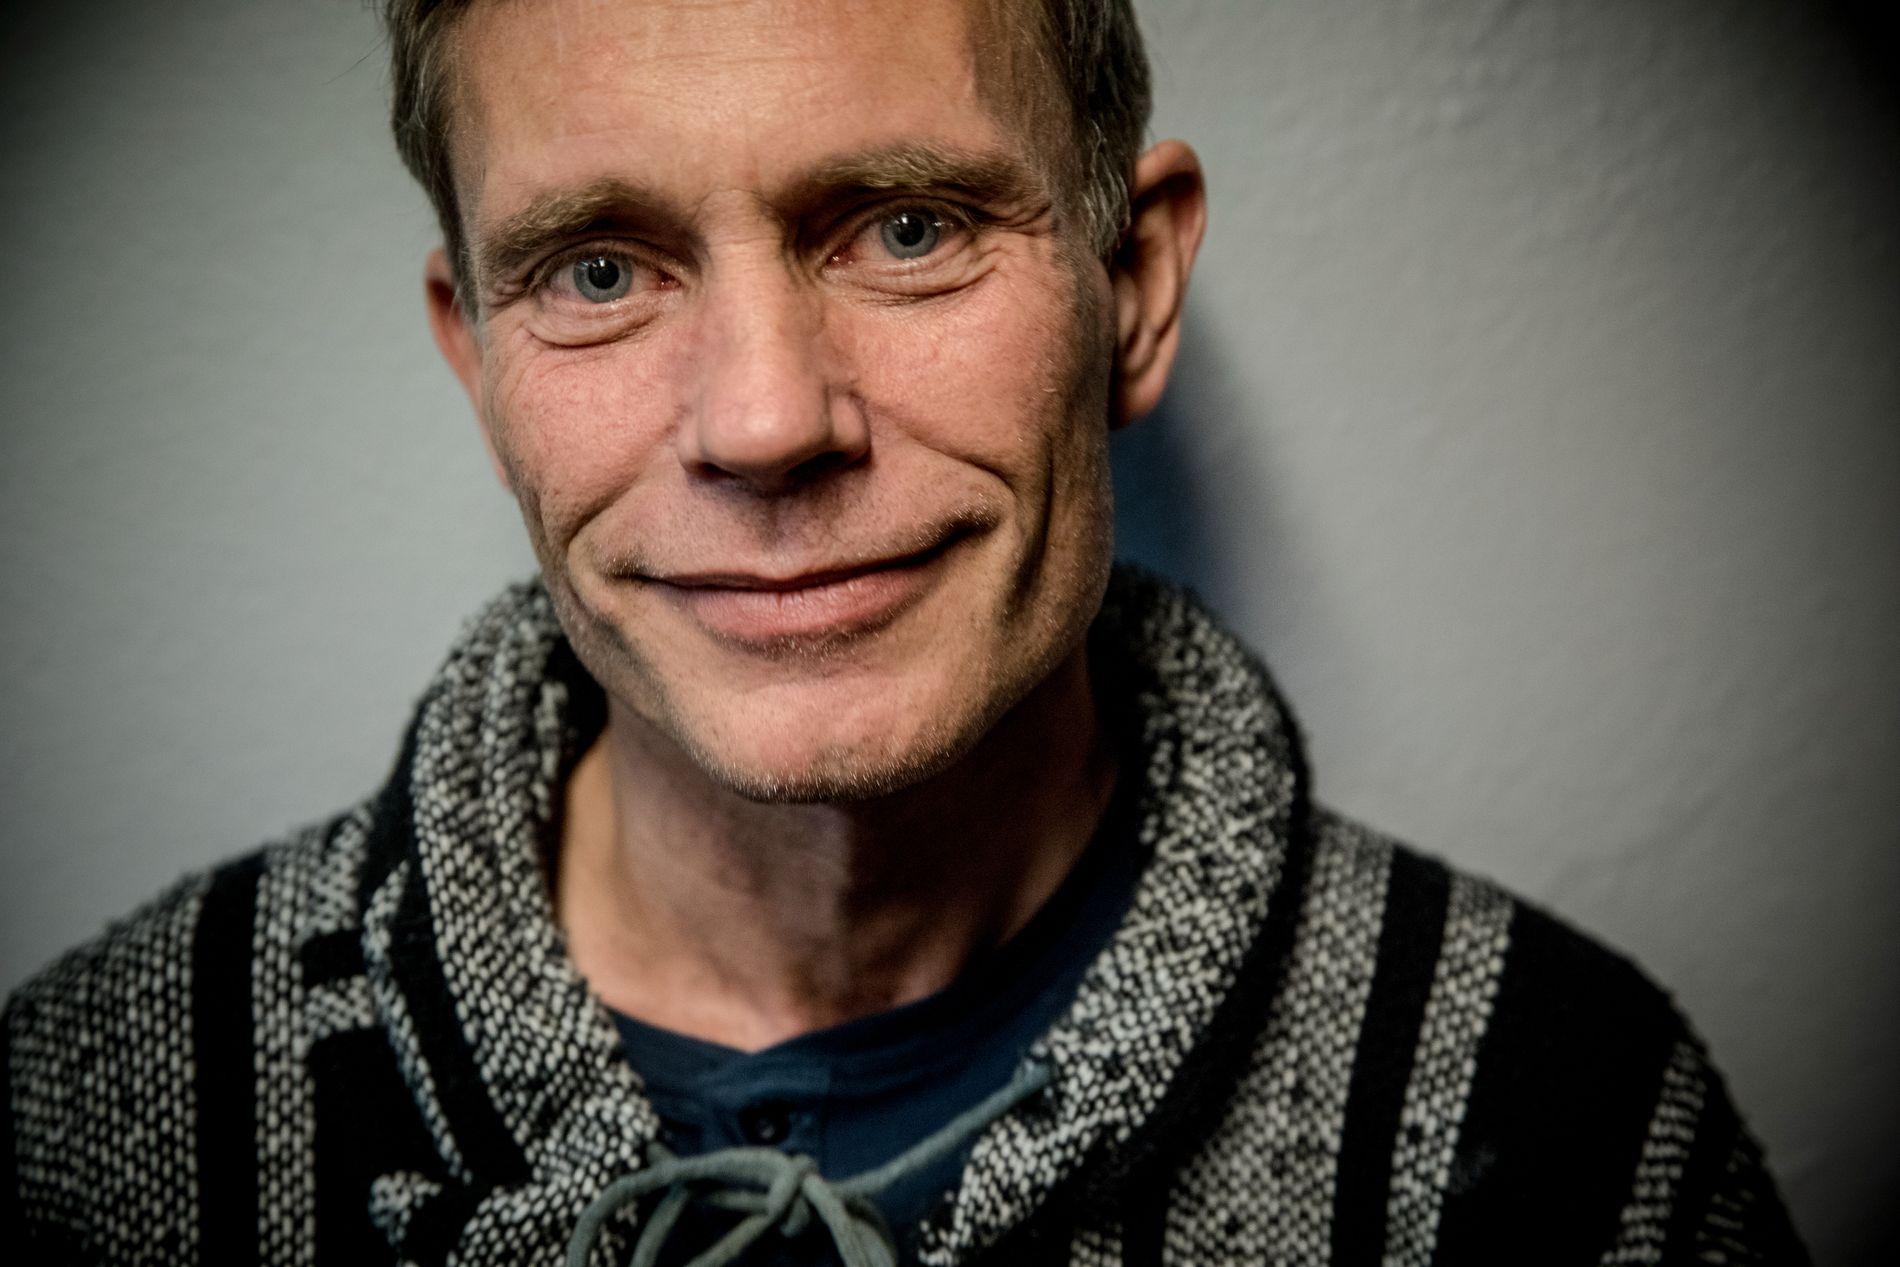 FOR FLEKSIBEL PRAKSIS: Leder Arild Knutsen i Foreningen for en human narkotikapolitikk mener det er viktig at ruspasienter som er ambivalente har mulighet til å komme raskt tilbake i behandling.